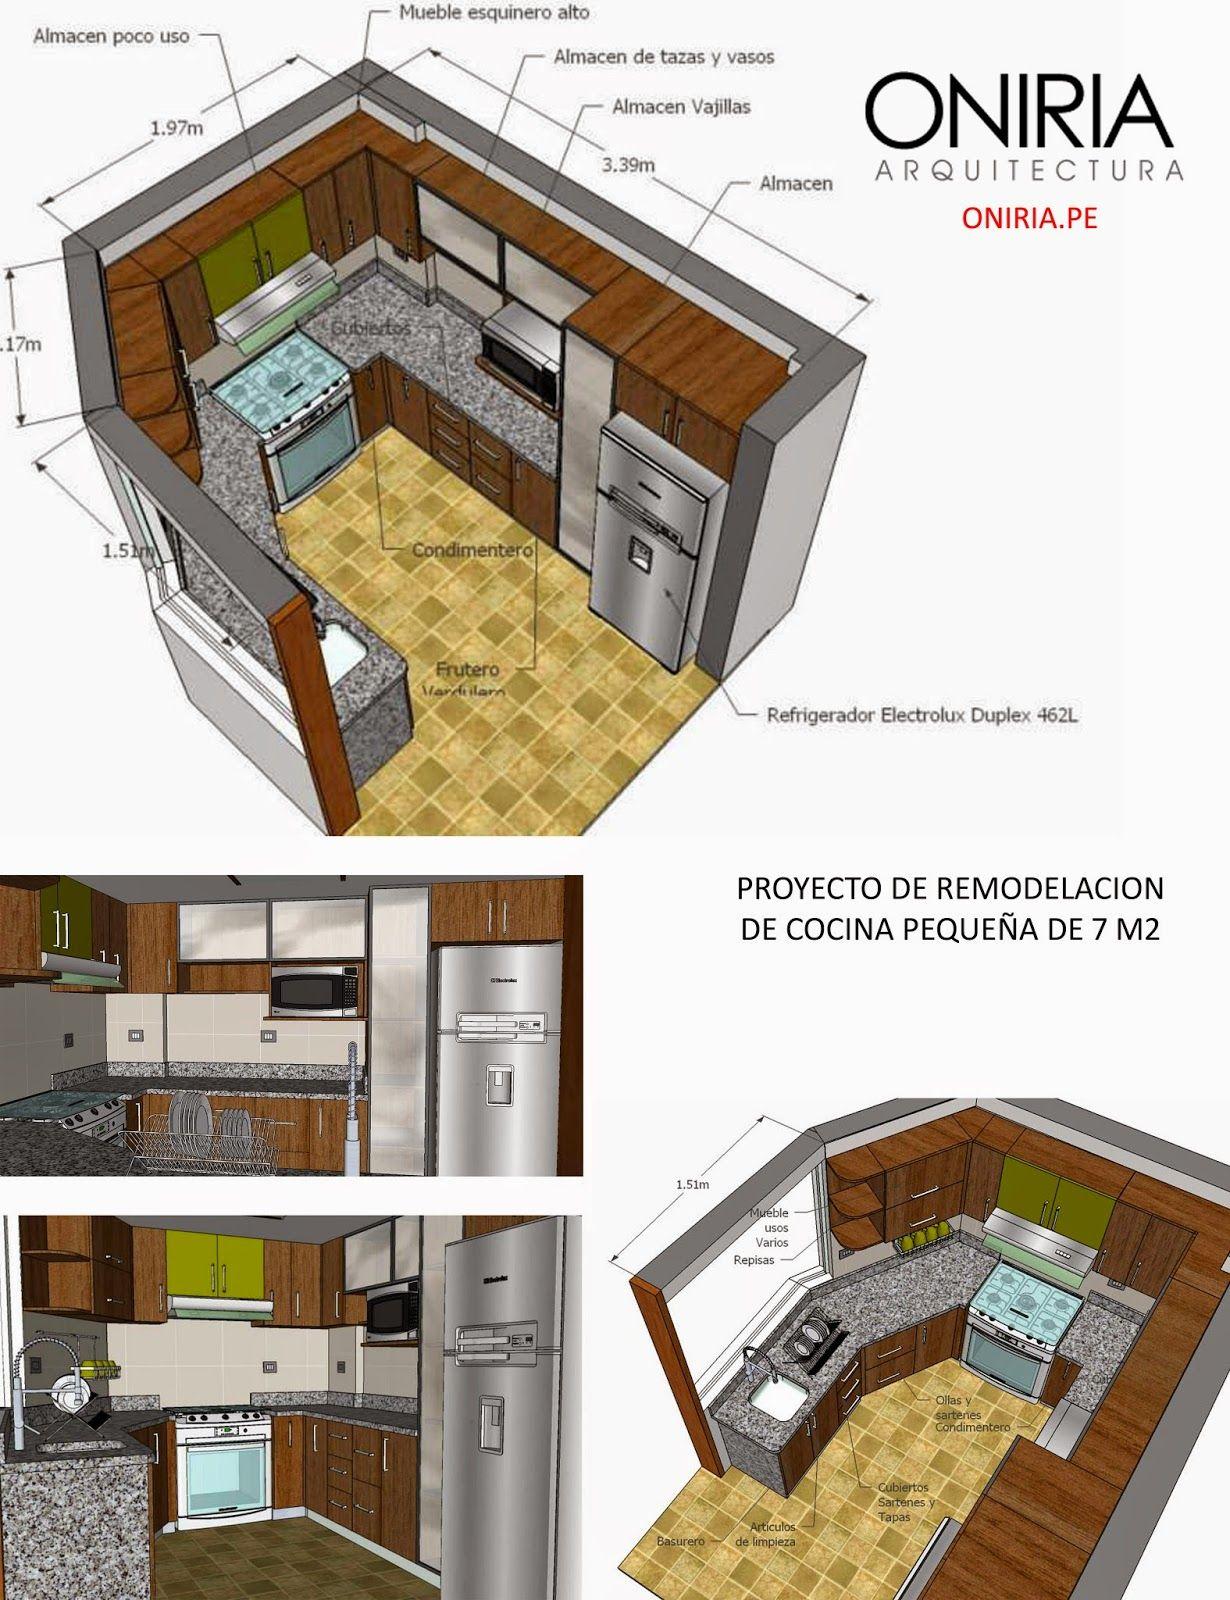 Oniria: Proyecto de Remodelacion de Cocina Pequeña de 7 m2 ...